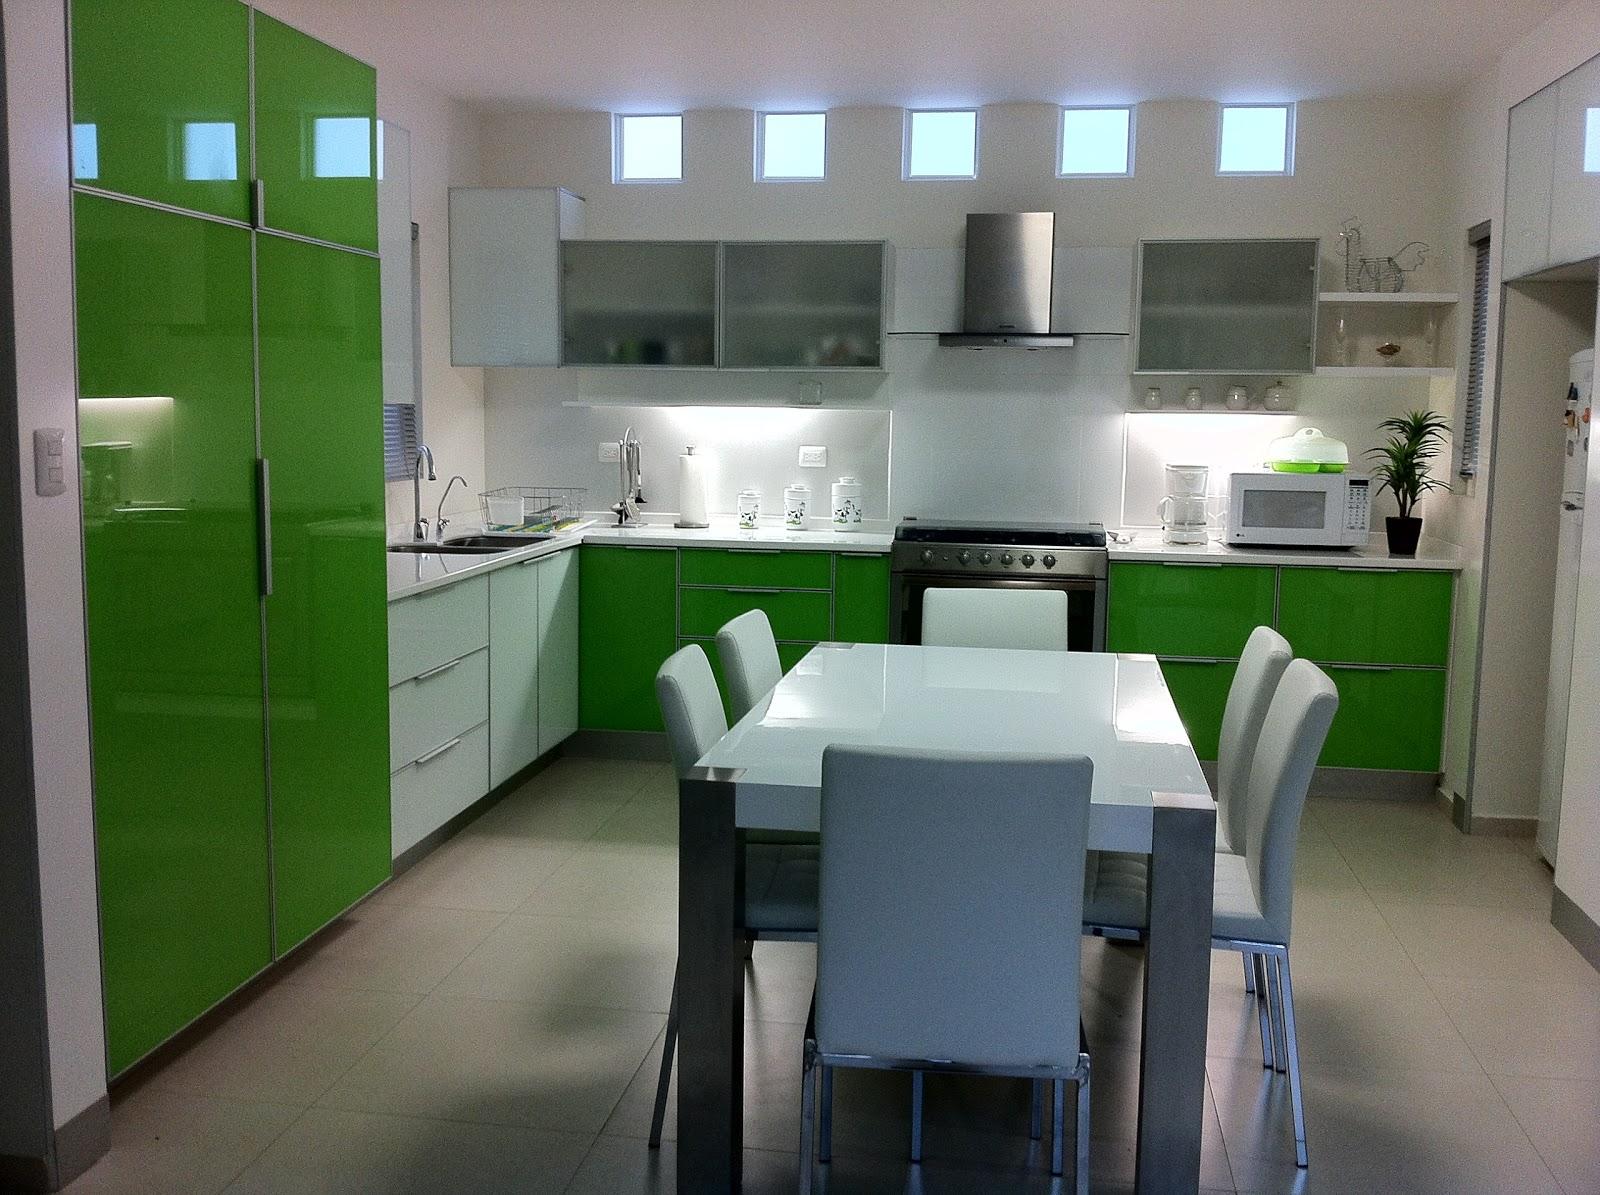 Heynez cocinas modernas cocina cristal - Cristal para cocina ...